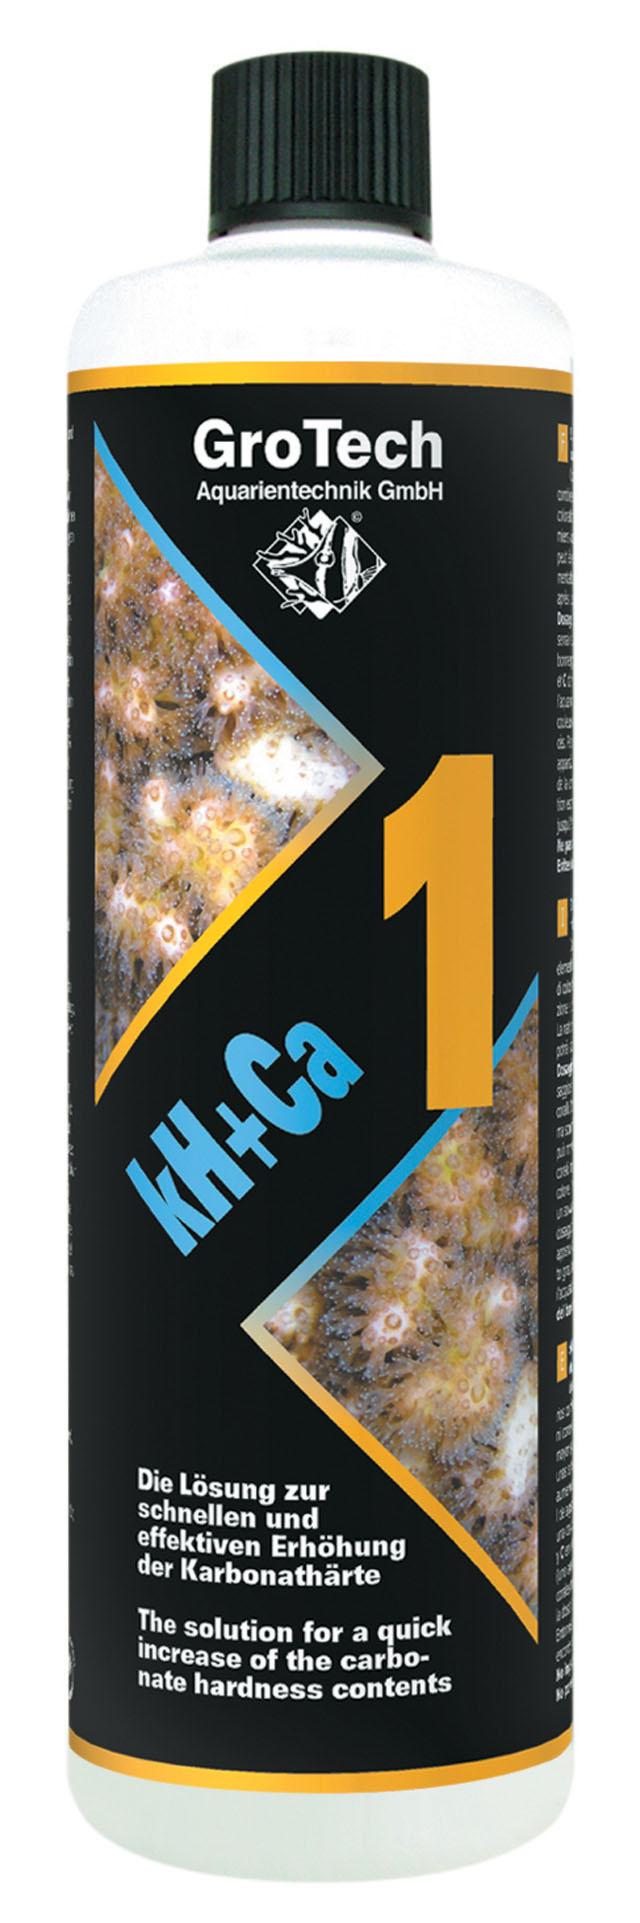 GROTECH kH+Ca 1 - 1000 ml augmente rapidement la dureté carbonatée de l\'eau en aquarium récifal